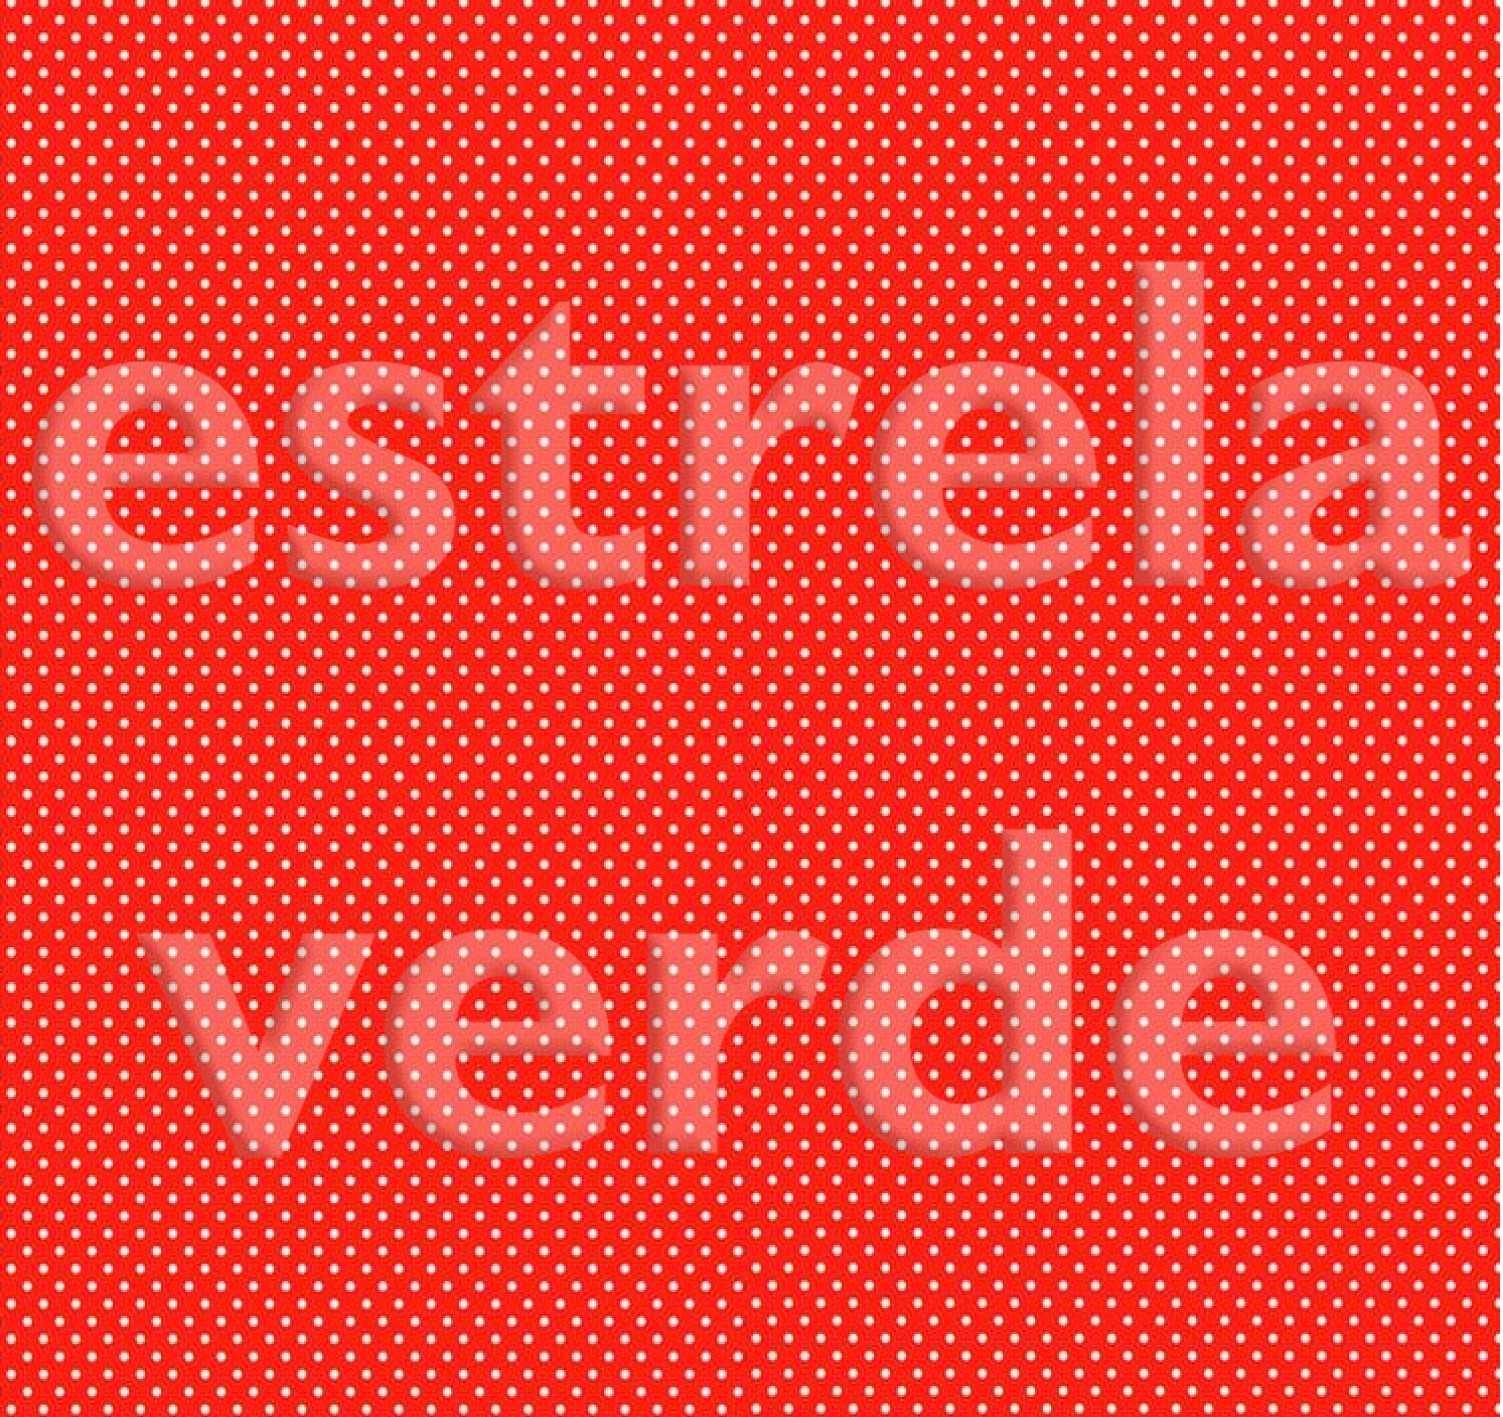 TNT ESTAMPADO POA VERMELHO BOLINHAS BRANCAS  - Estrela Verde